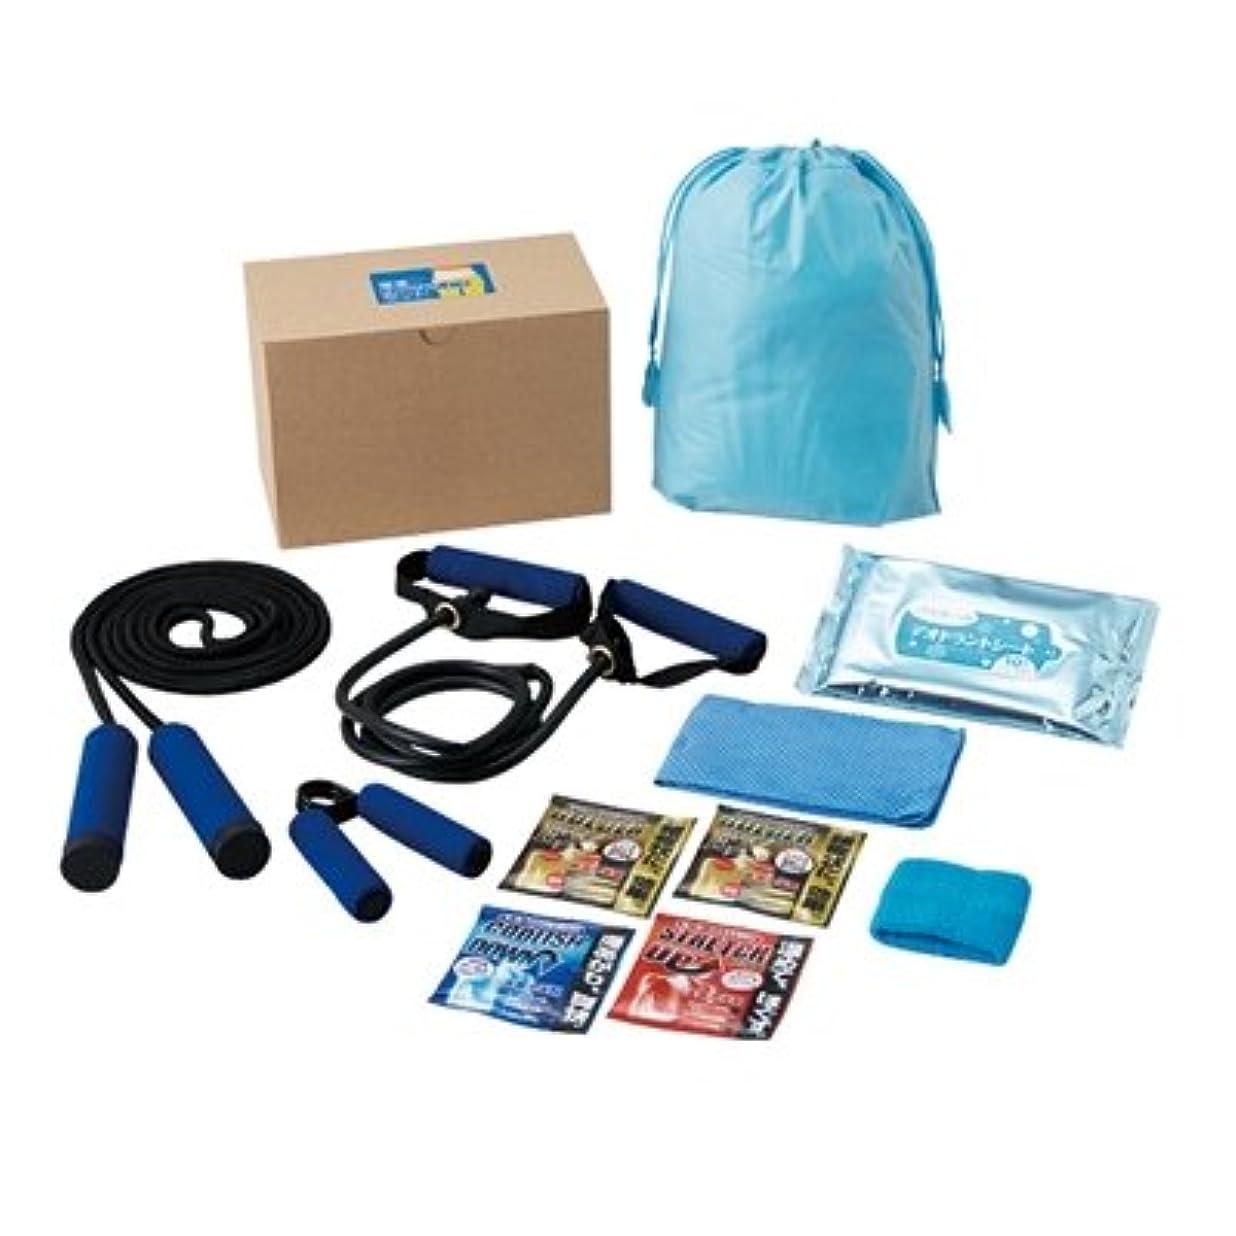 健康エクササイズ ボディケアセット402 55-402